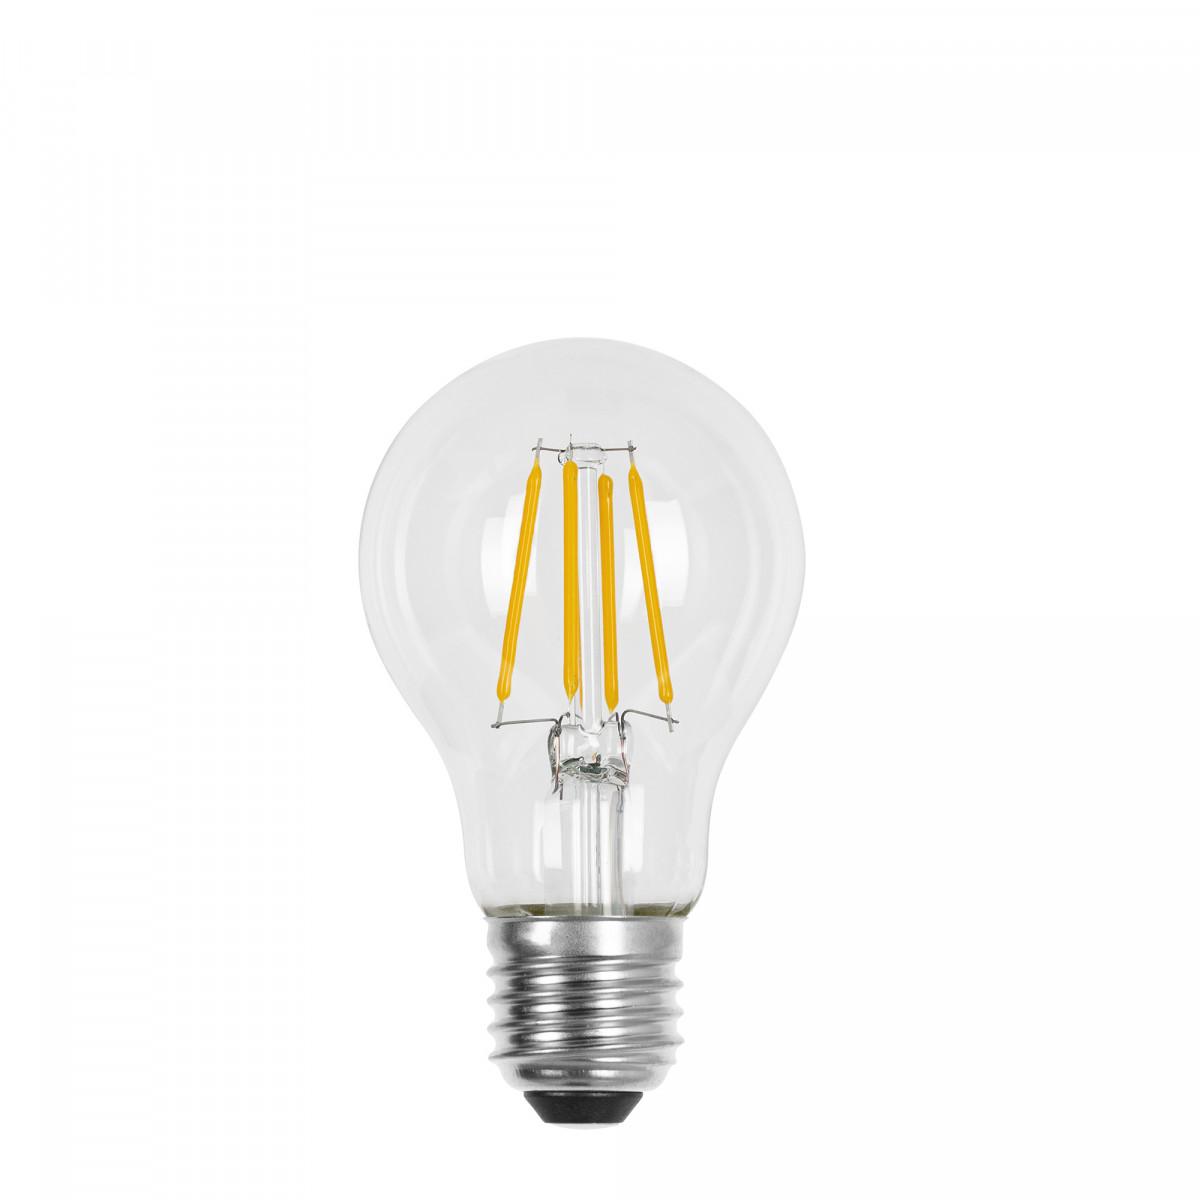 Sensor LED Lamp 3W